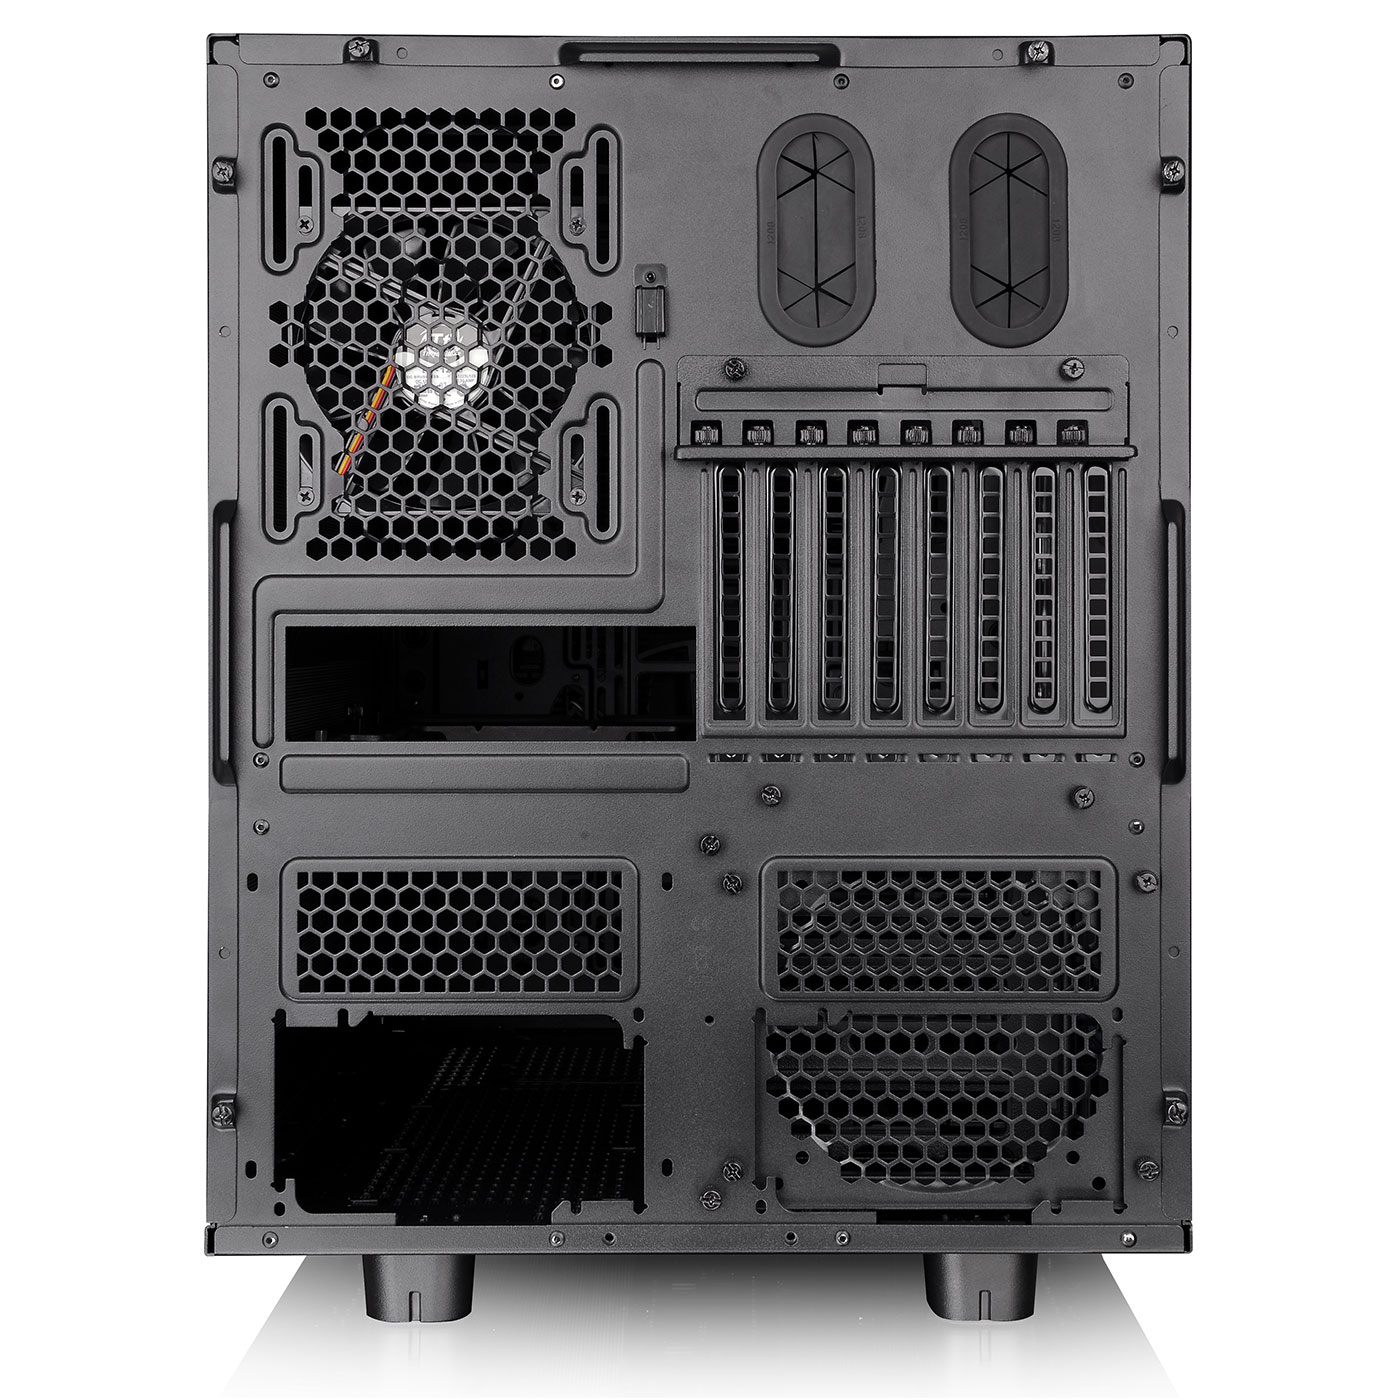 Thermaltake Cube/ss alim/E-ATX Noir - Boîtier PC Thermaltake - 2